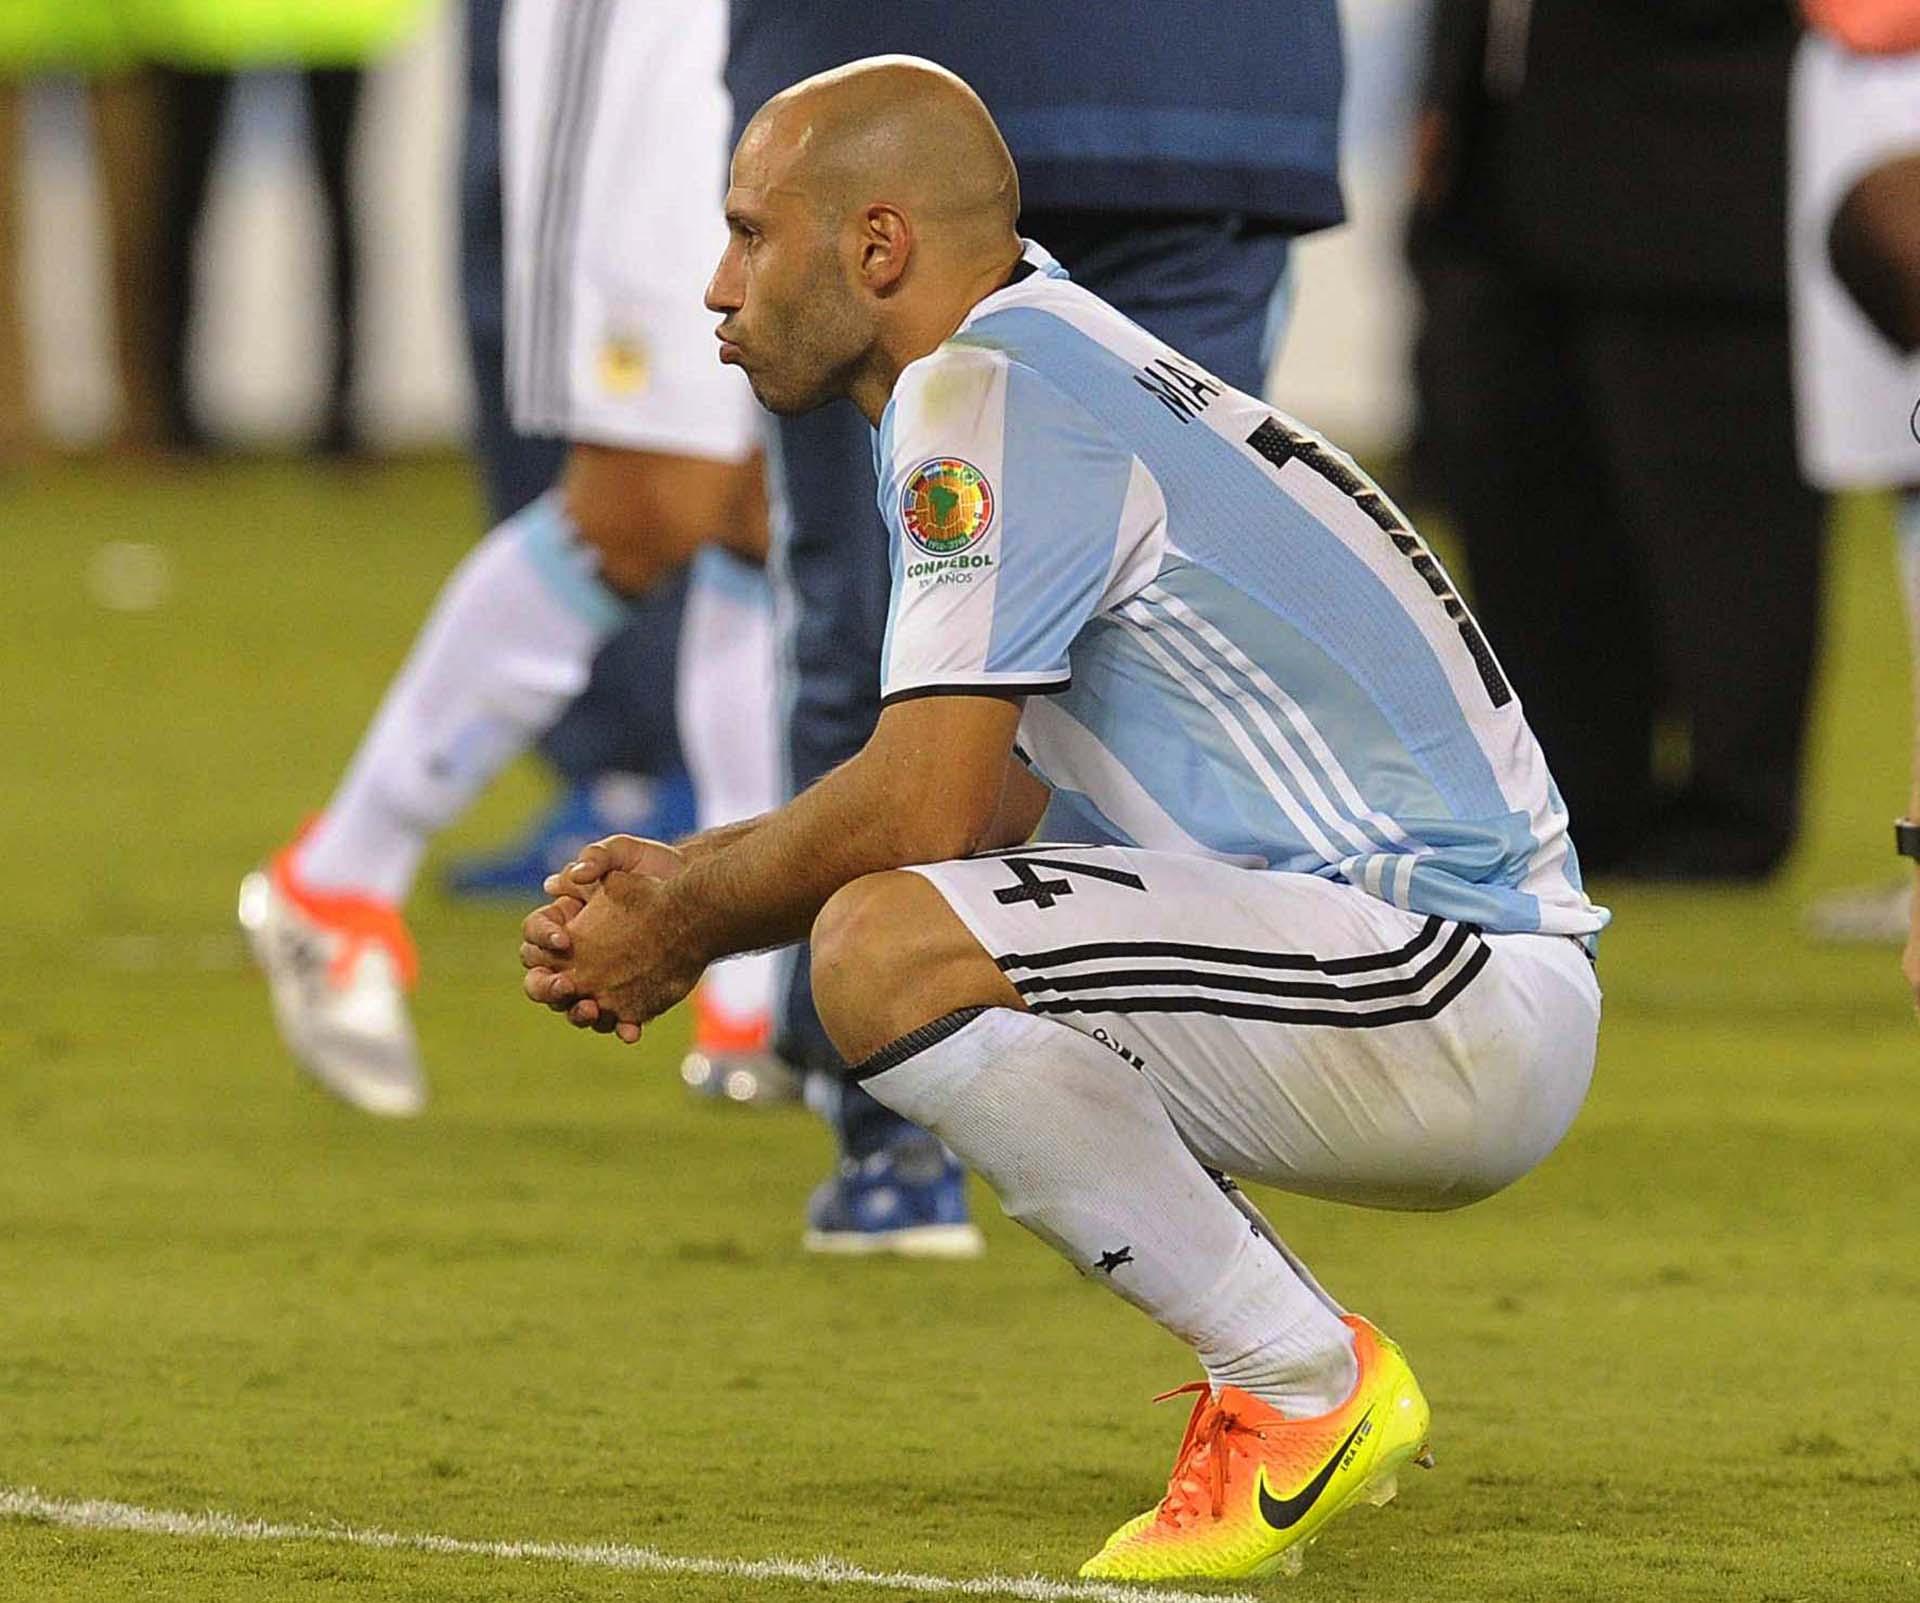 El llanto de Javier Mascherano al finalizar el partido (Télam)